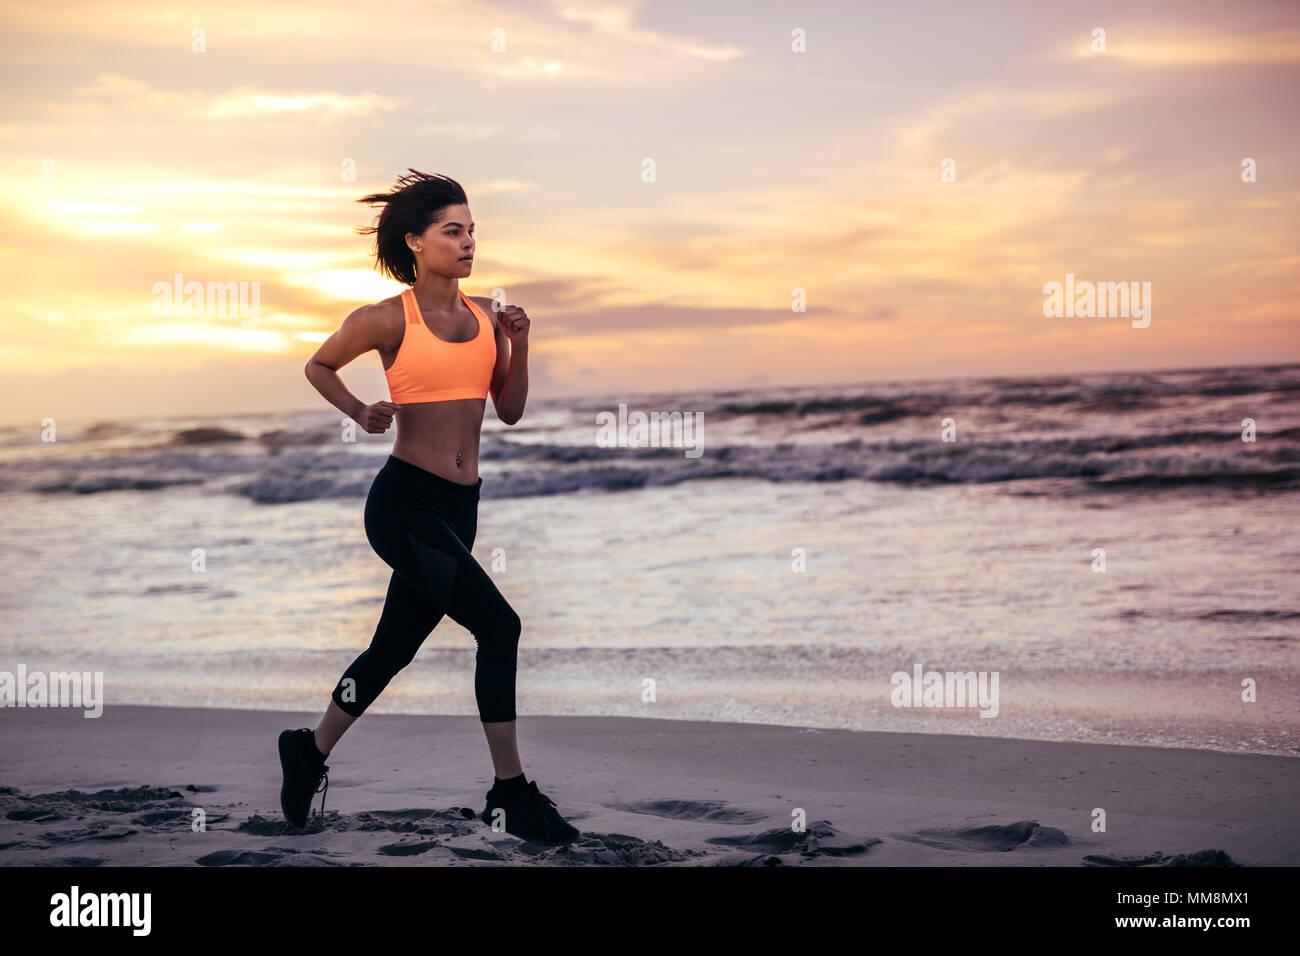 Deportista que corre a lo largo de la playa por la mañana. Mujer en marcha outfit esprinta en la orilla del mar. Imagen De Stock